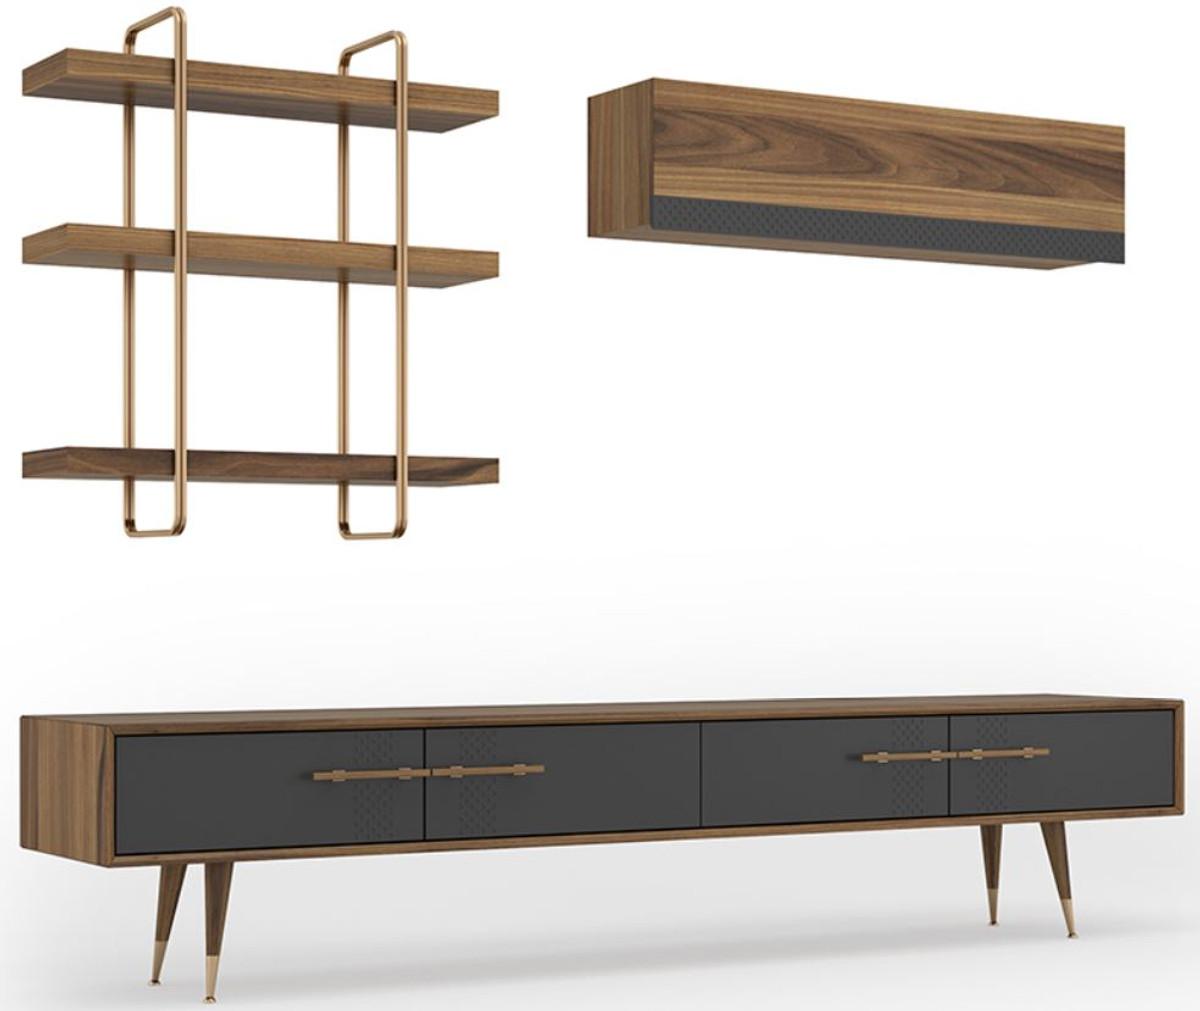 Casa Padrino Luxus Wohnzimmer Tv Schrank Set Braun Grau Messingfarben 1 Tv Schrank 1 Hangeschrank 1 Wandregal Edles Wohnzimmer Mobel Set Luxus Mobel